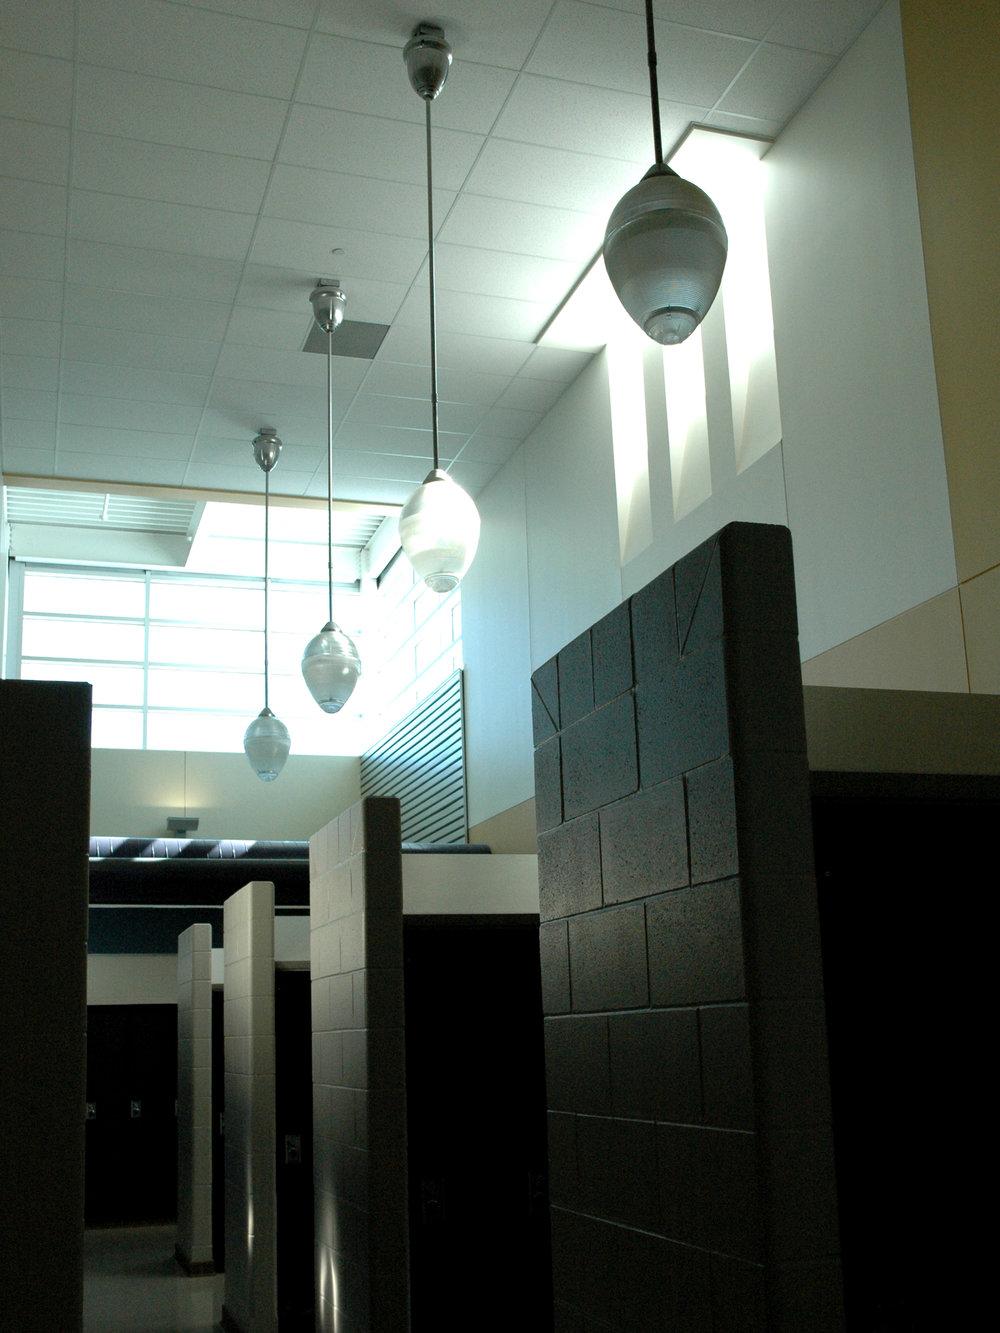 13_lockers.jpg